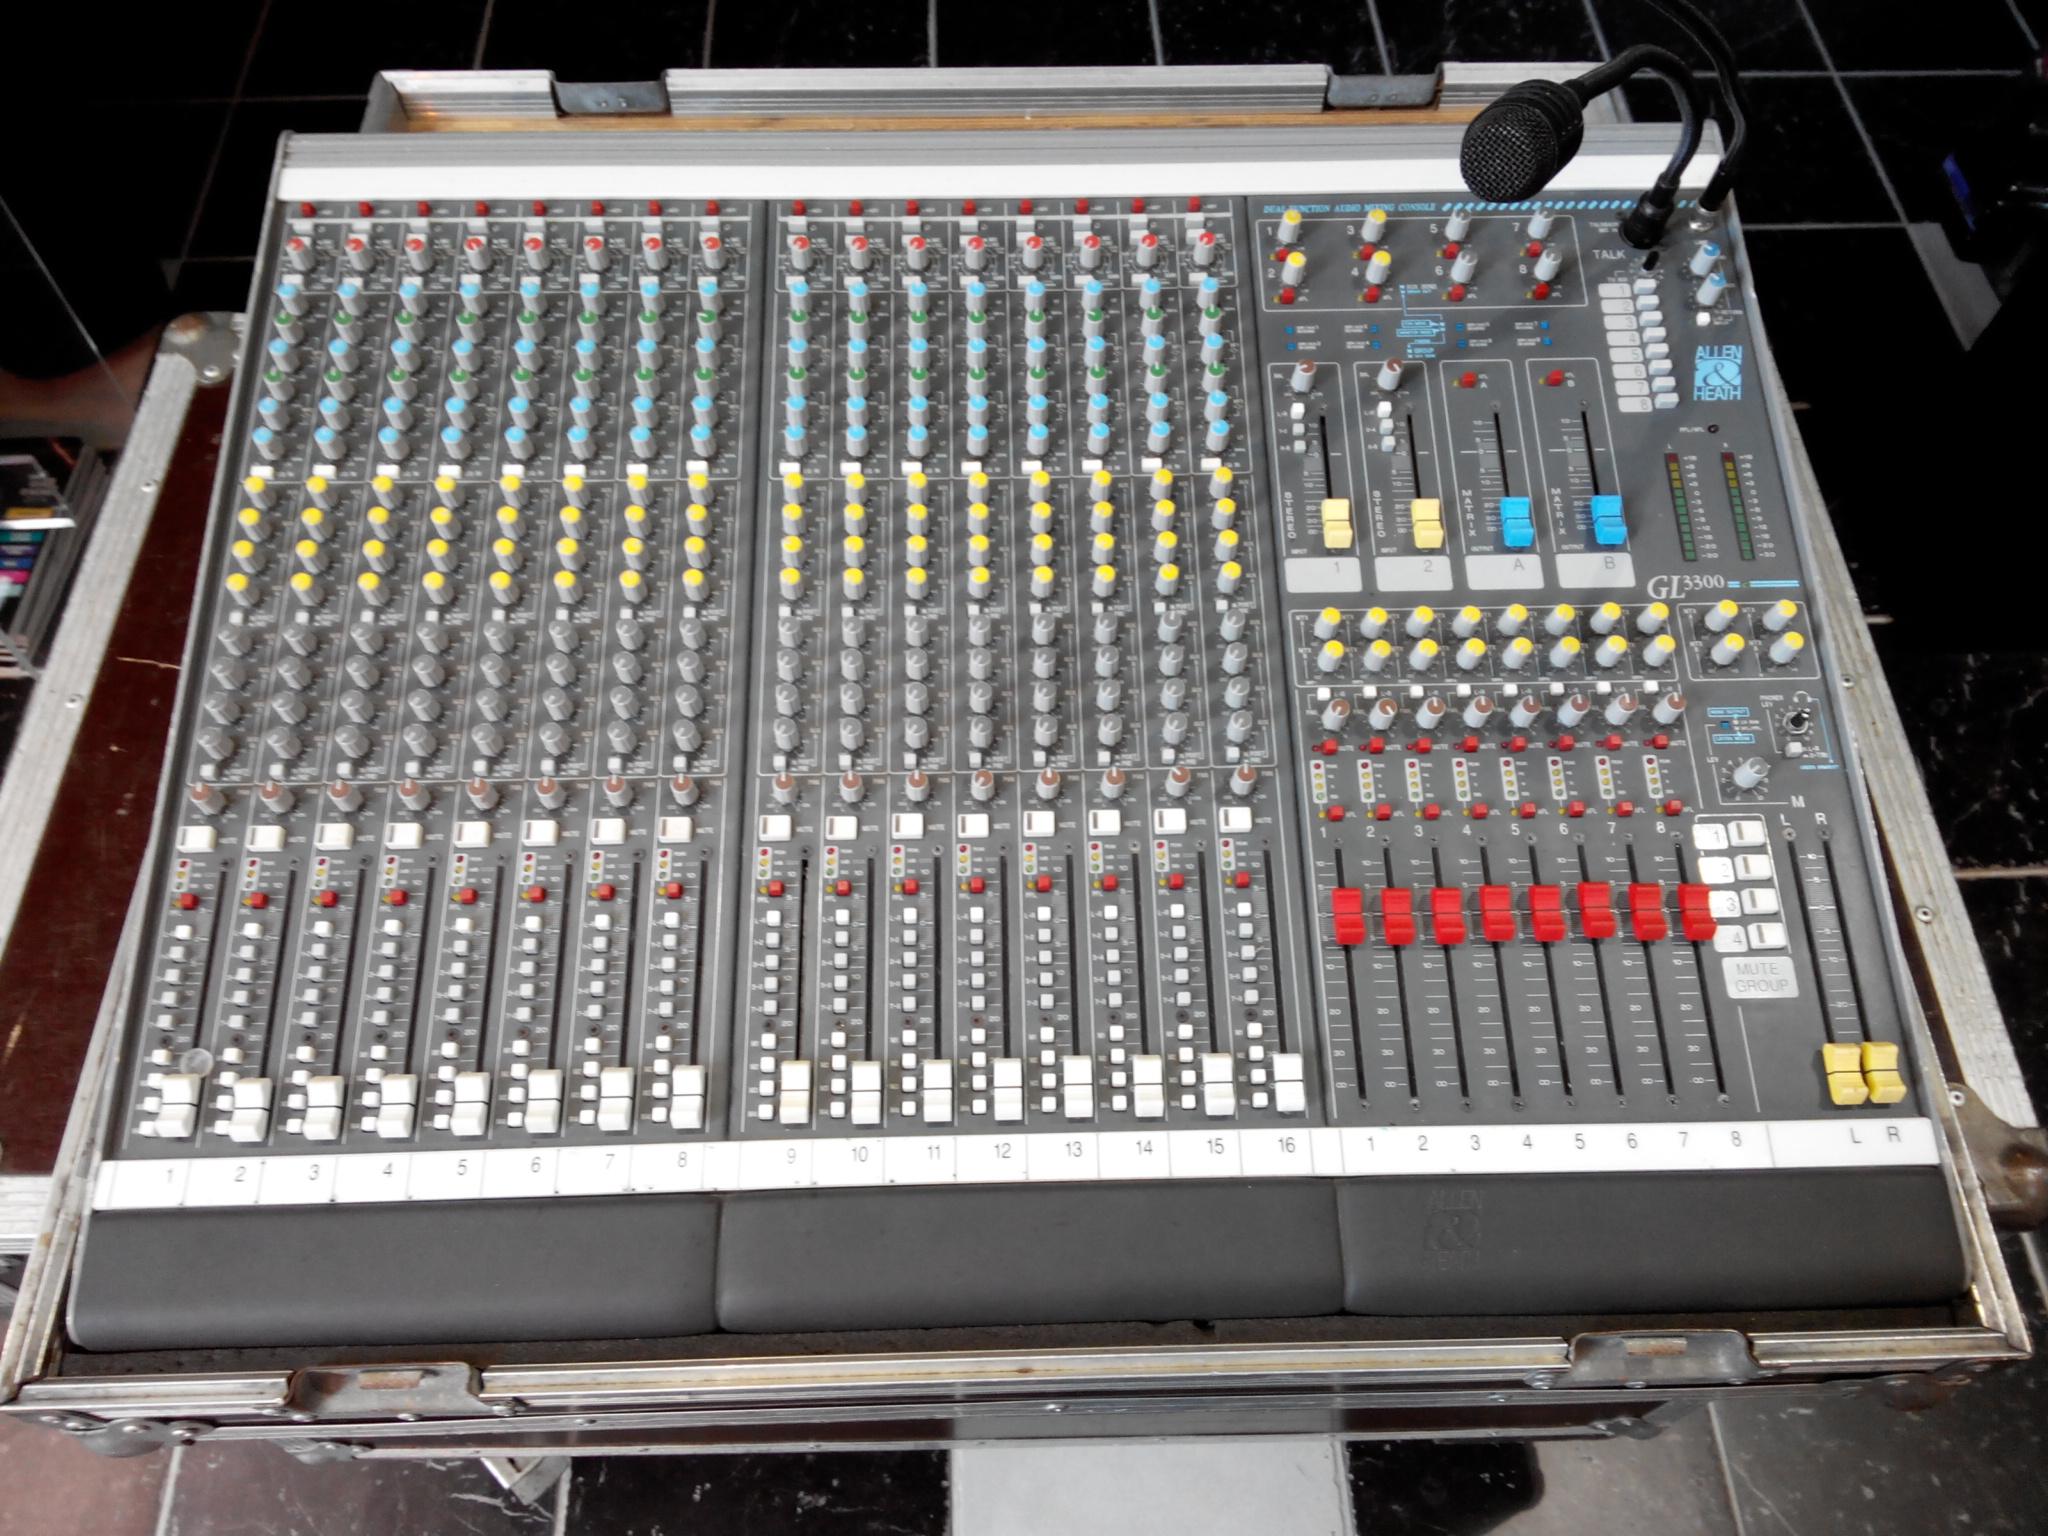 Gl3300 16 8 allen heath gl3300 16 8 audiofanzine - Console analogique occasion ...